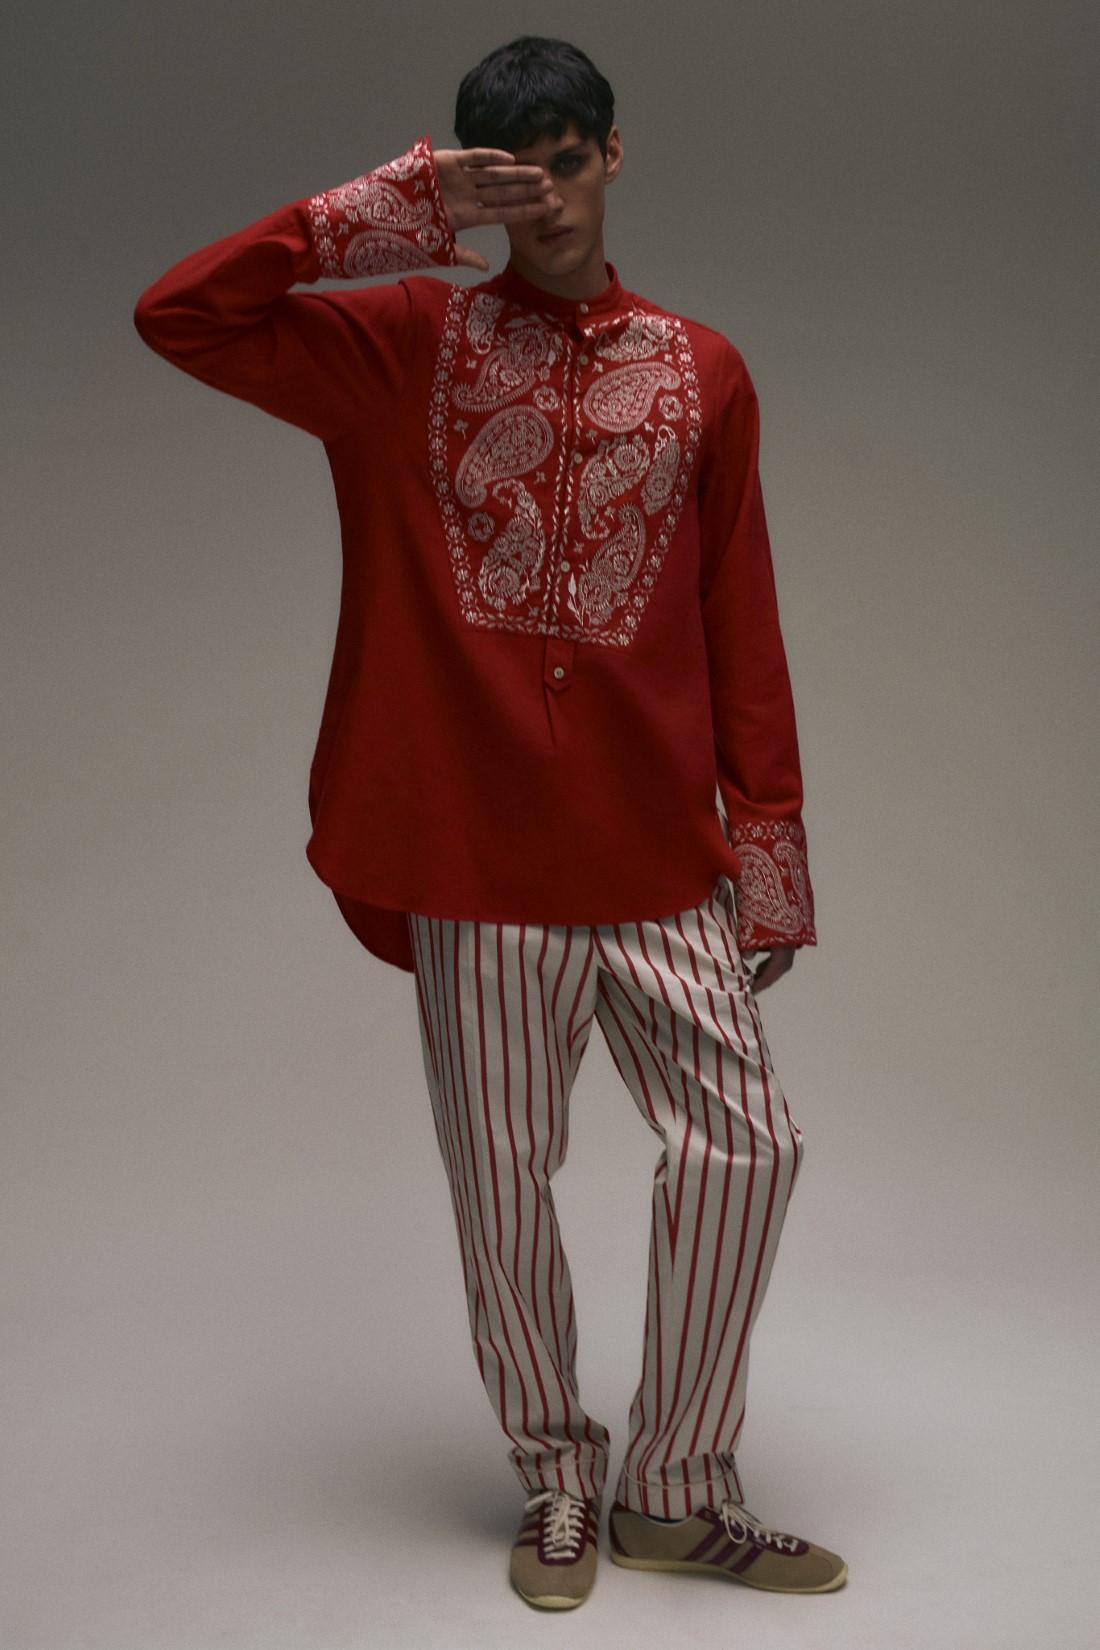 Wales Bonner - Automne-Hiver 2021 - Paris Fashion Week